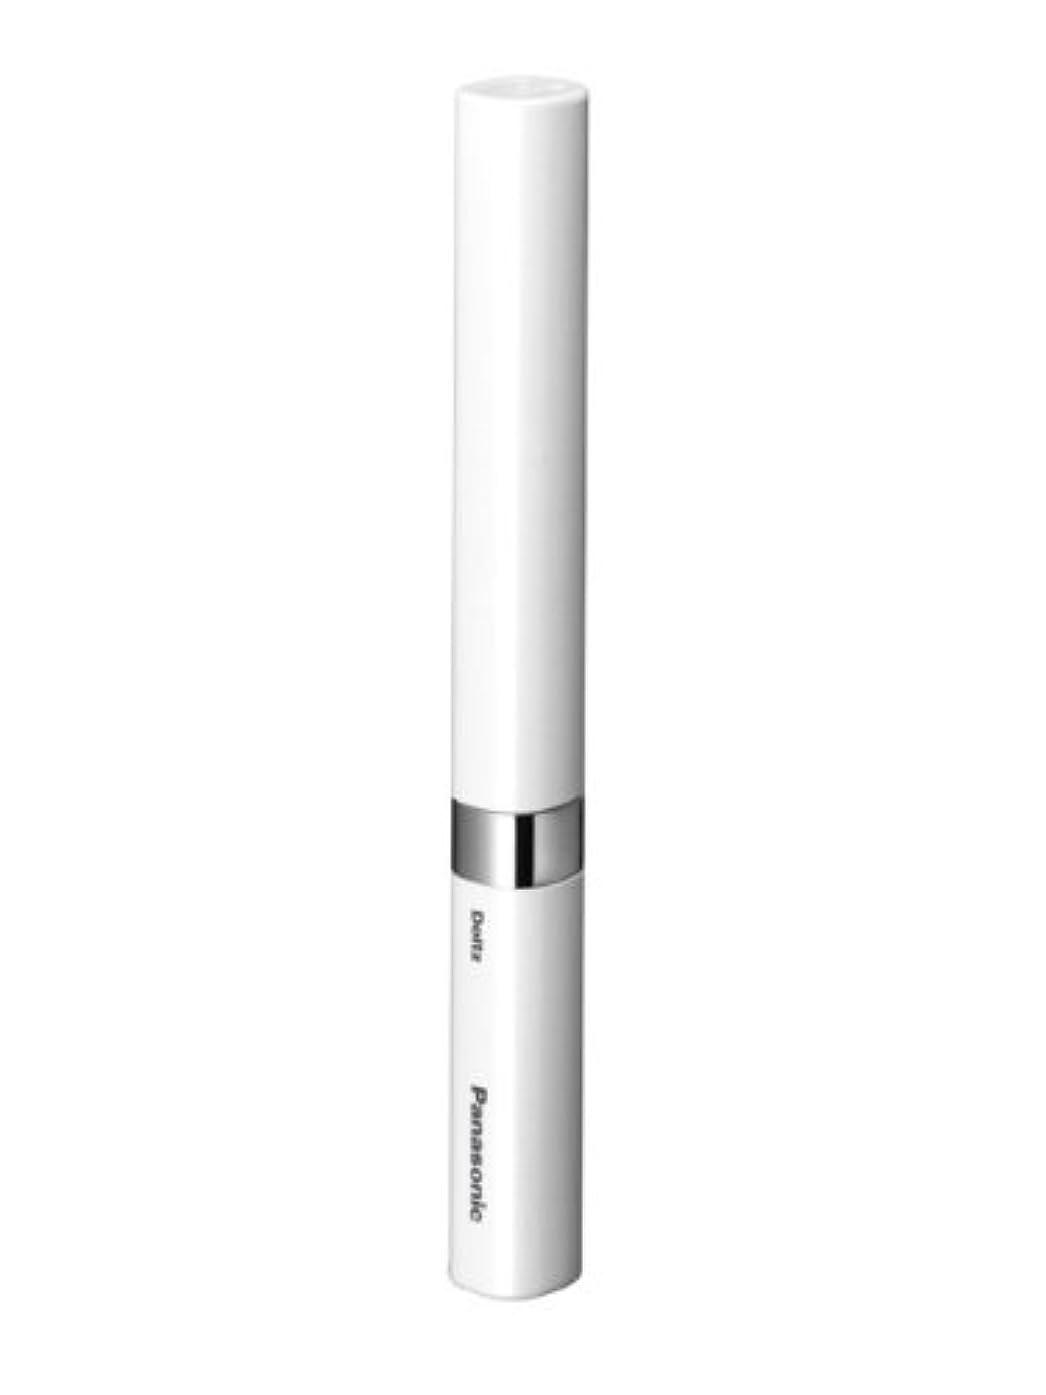 ライオネルグリーンストリートカプラー式パナソニック 音波振動ハブラシ ポケットドルツ 白 EW-DS14-W